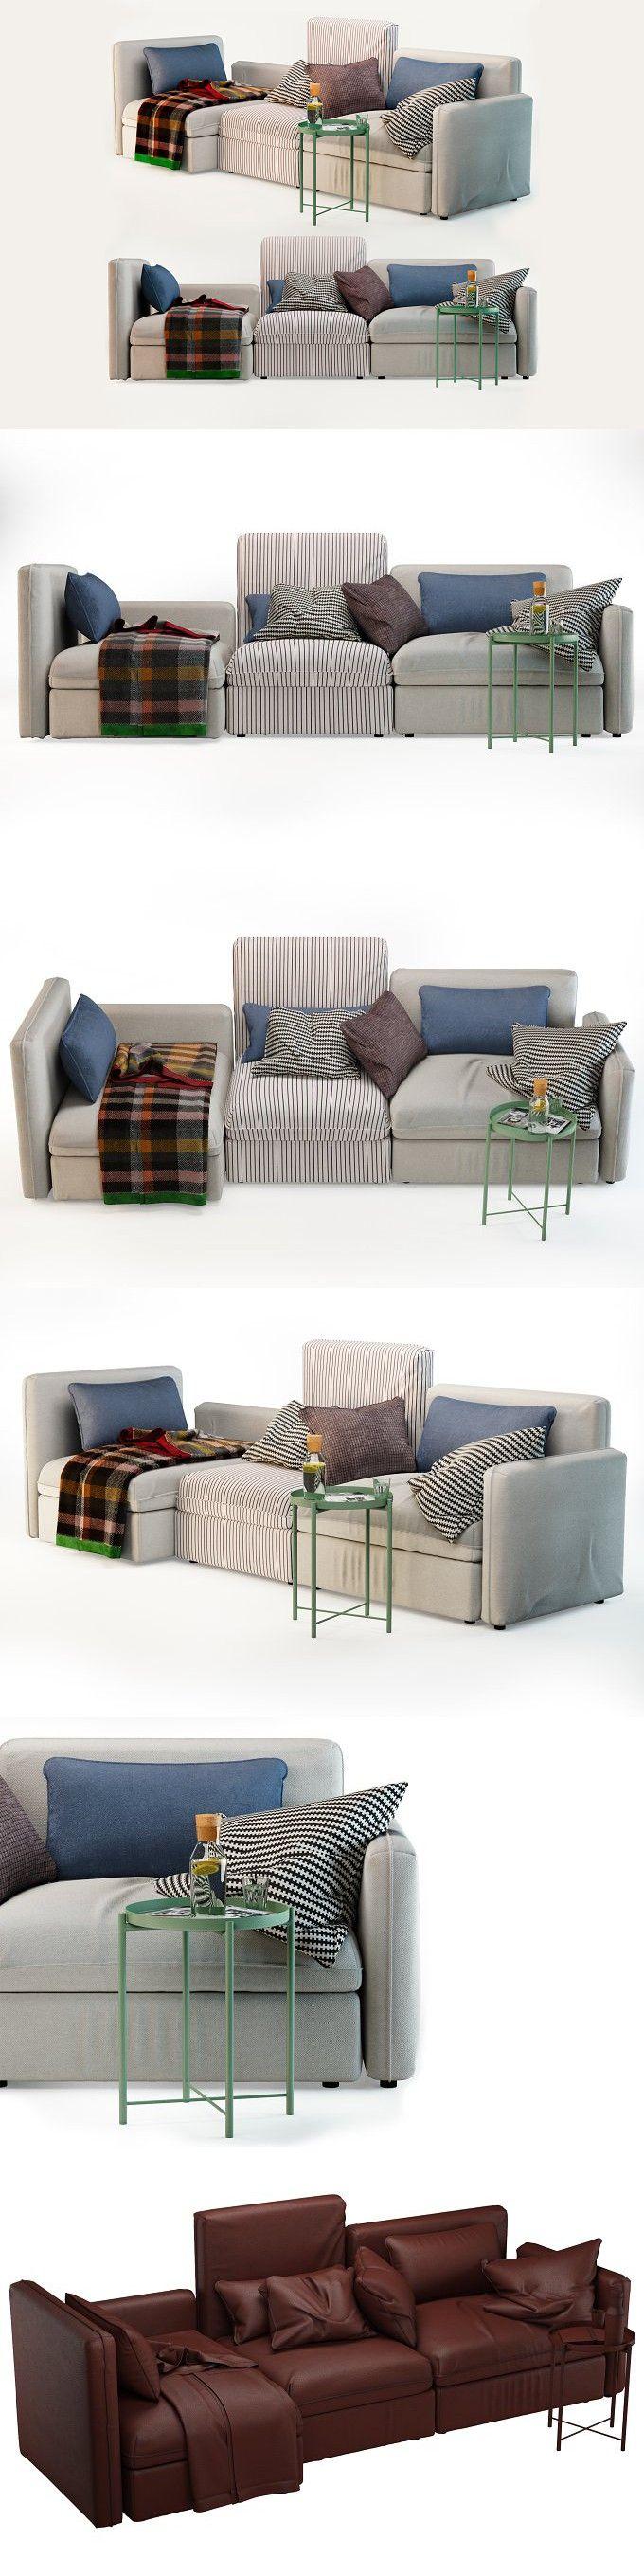 IKEA VALLENTUNA. 3D Furniture